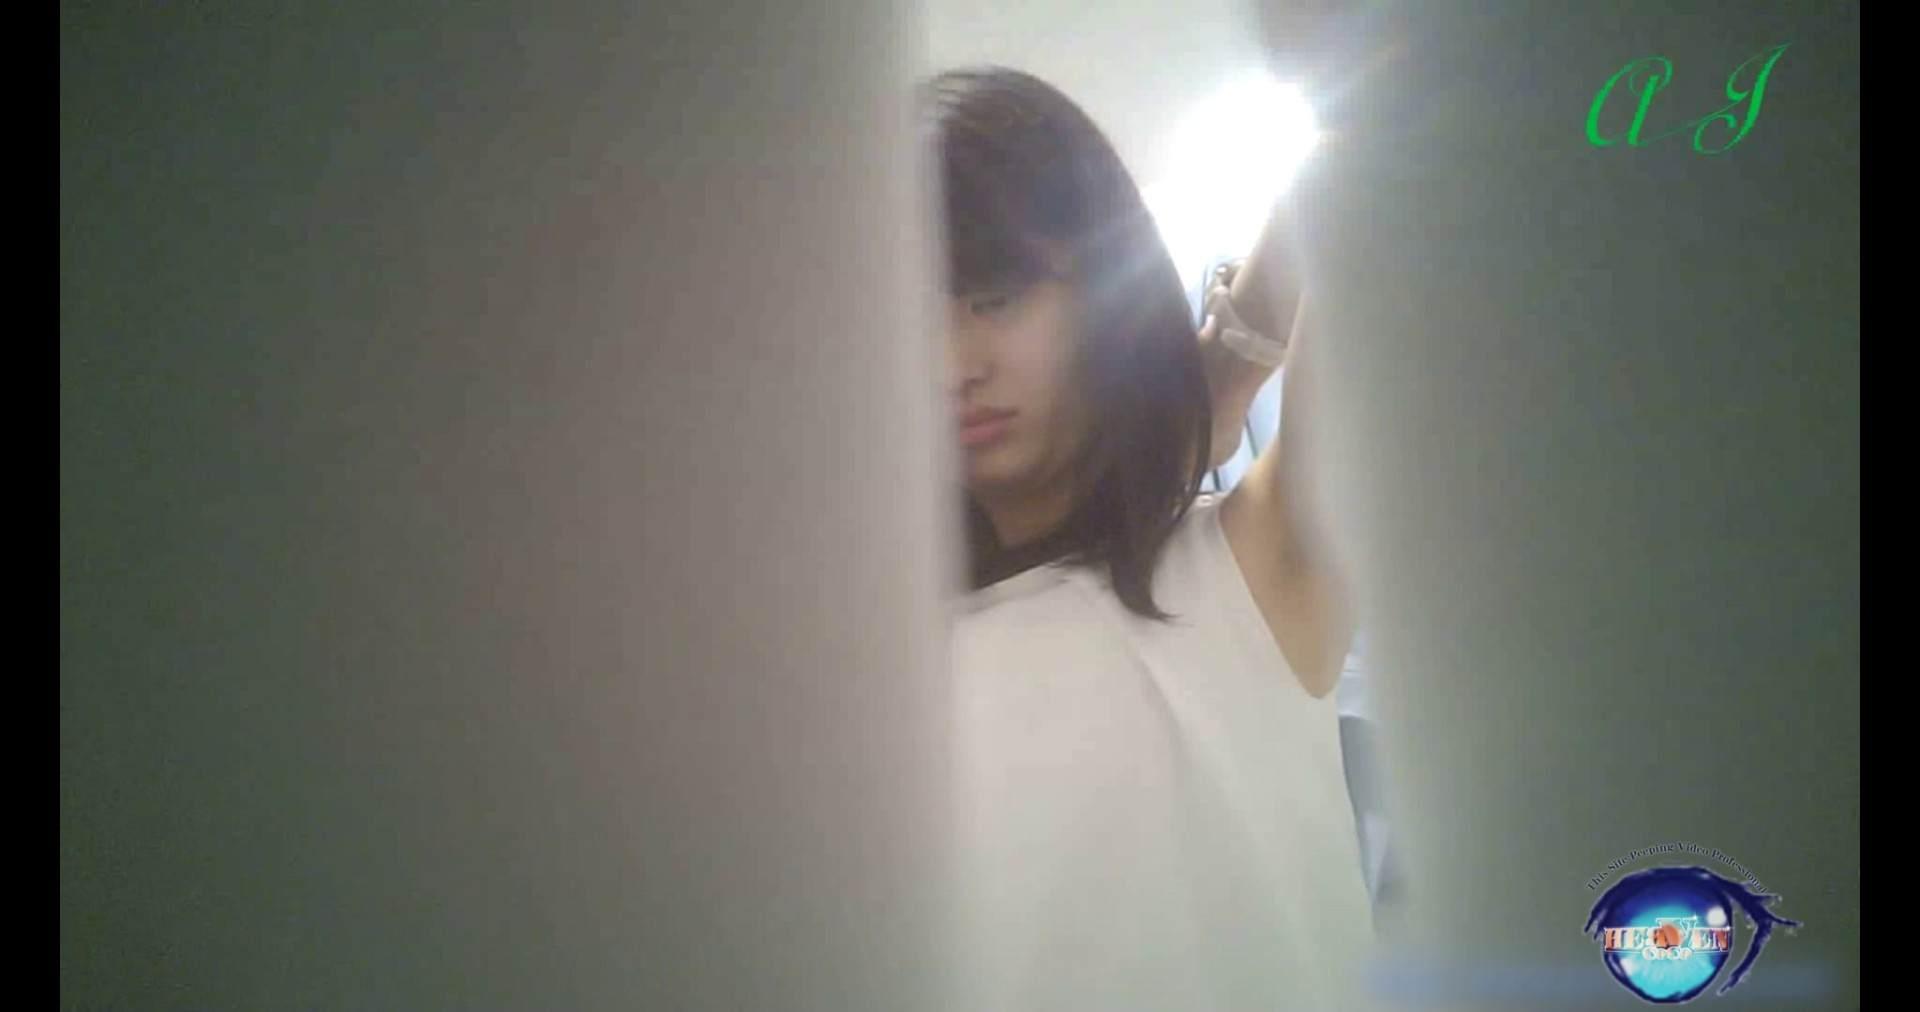 素敵なパンストお姉さん 有名大学女性洗面所 vol.73 投稿 AV無料 56PICs 5